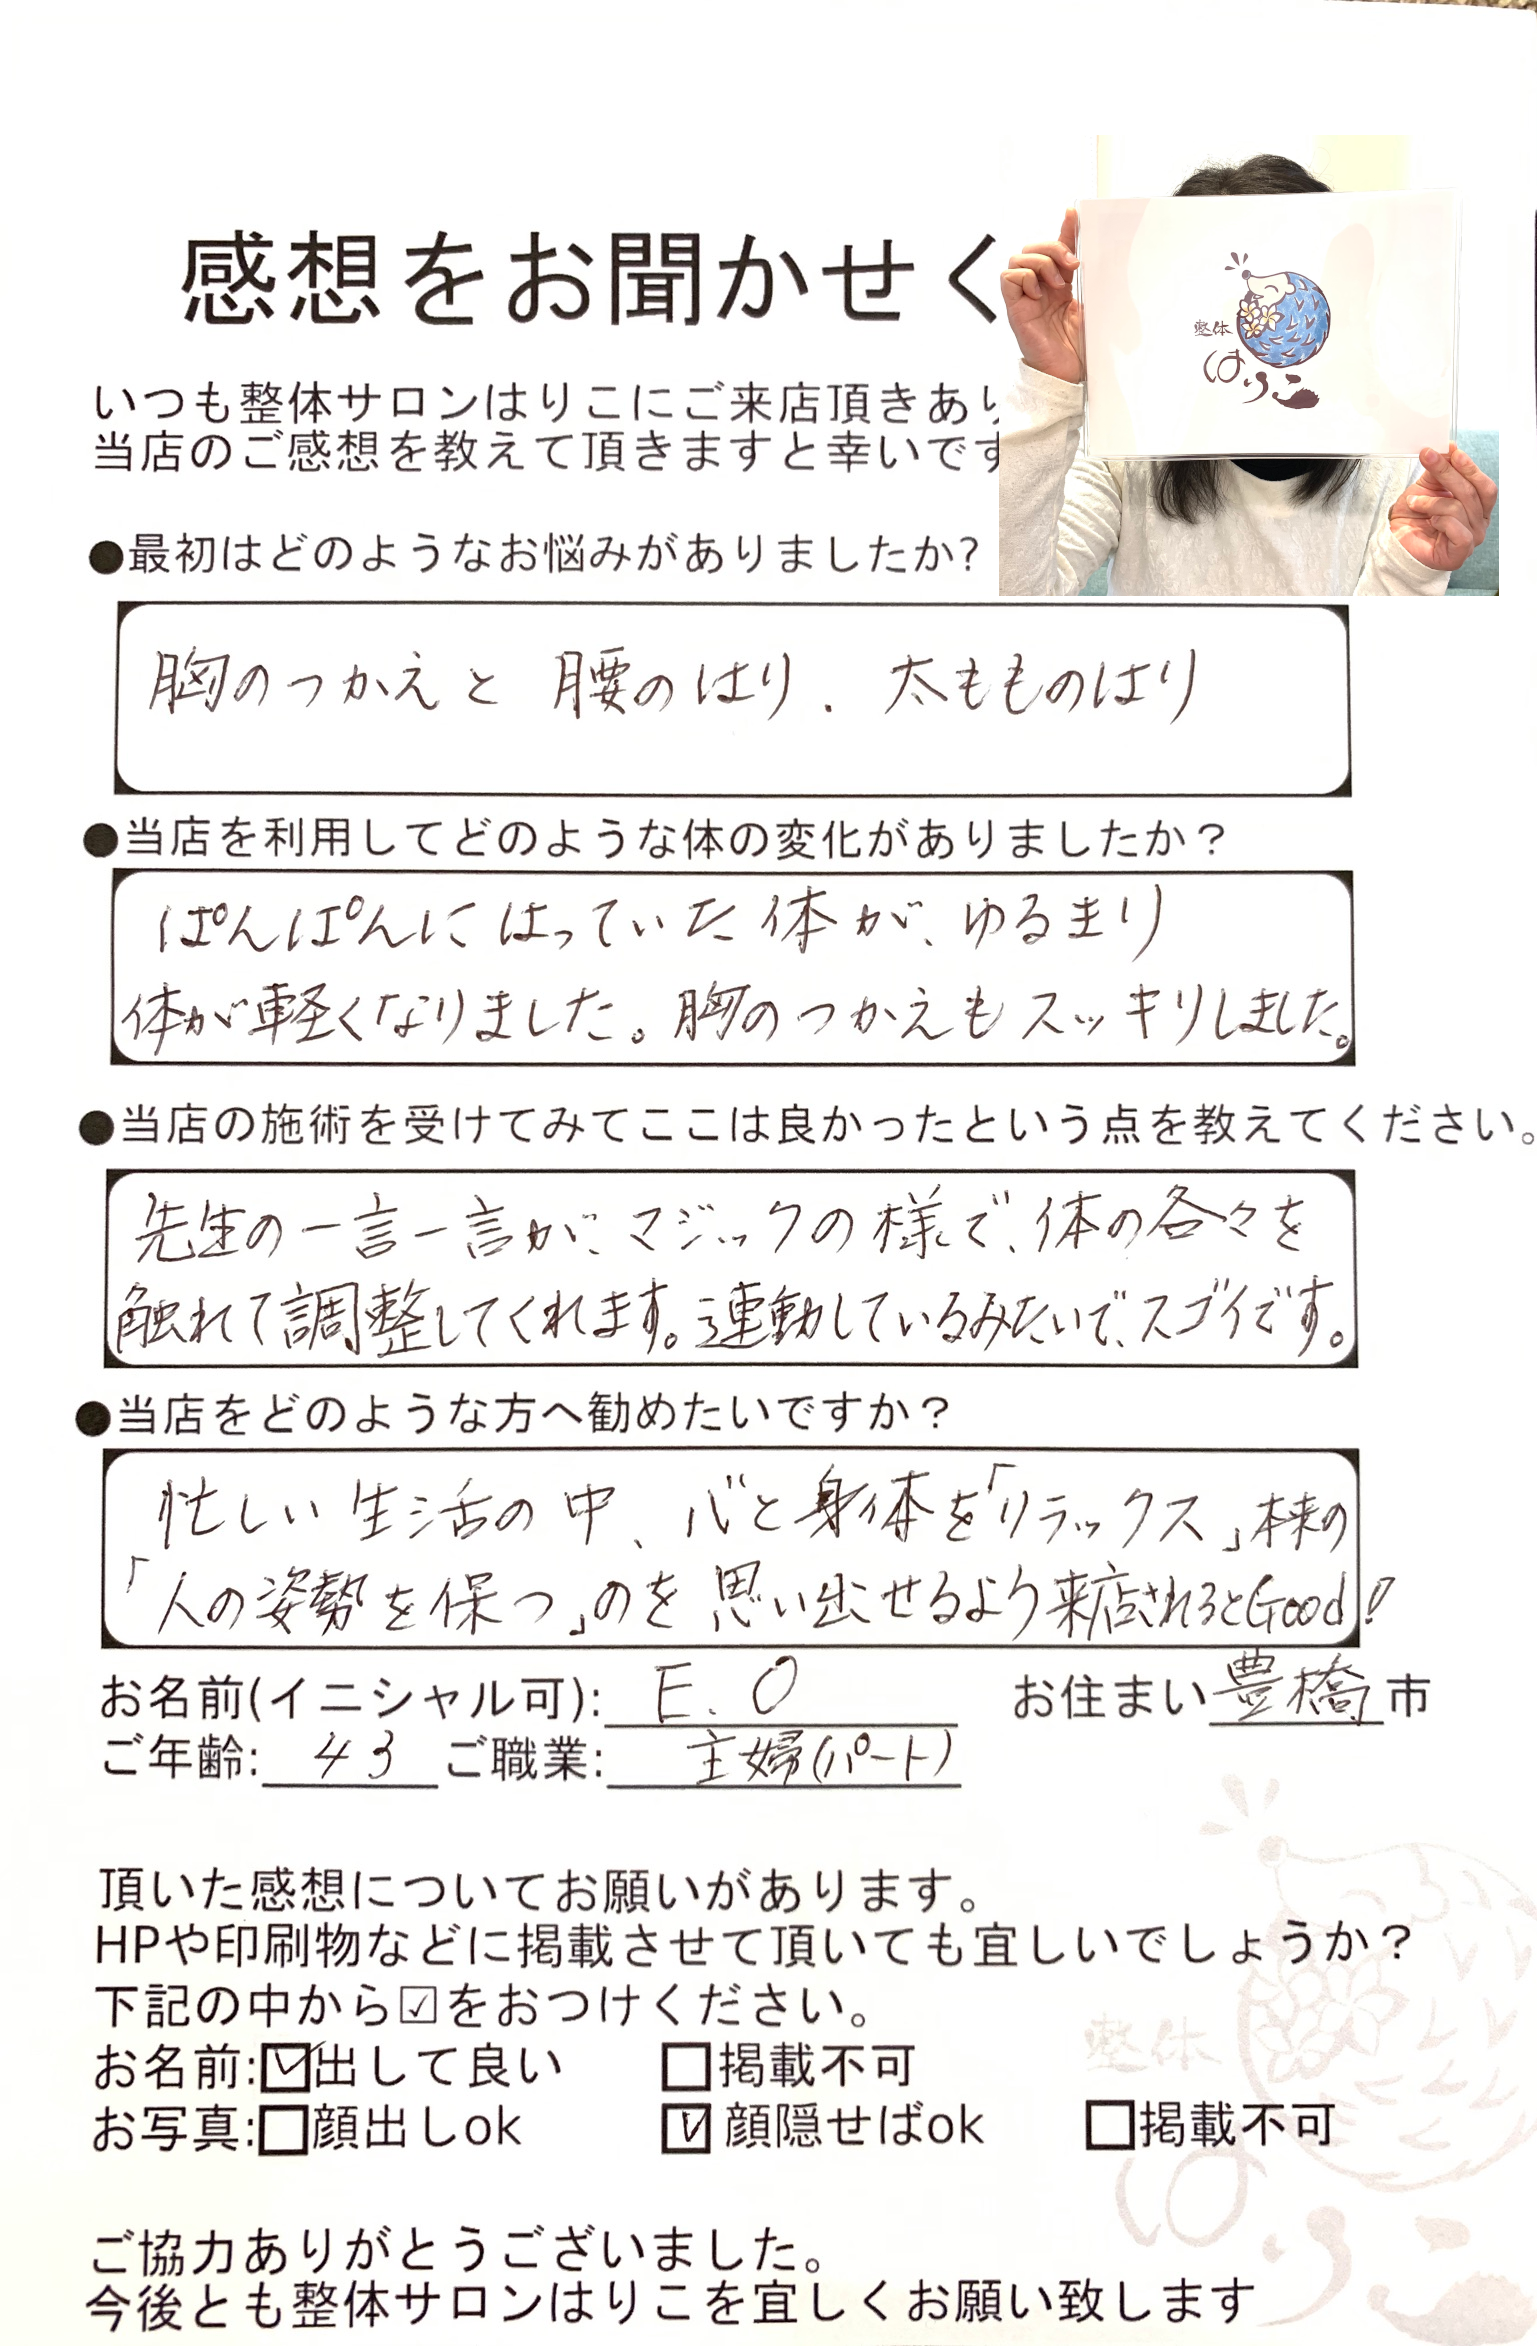 岡田悦子さん口コミ